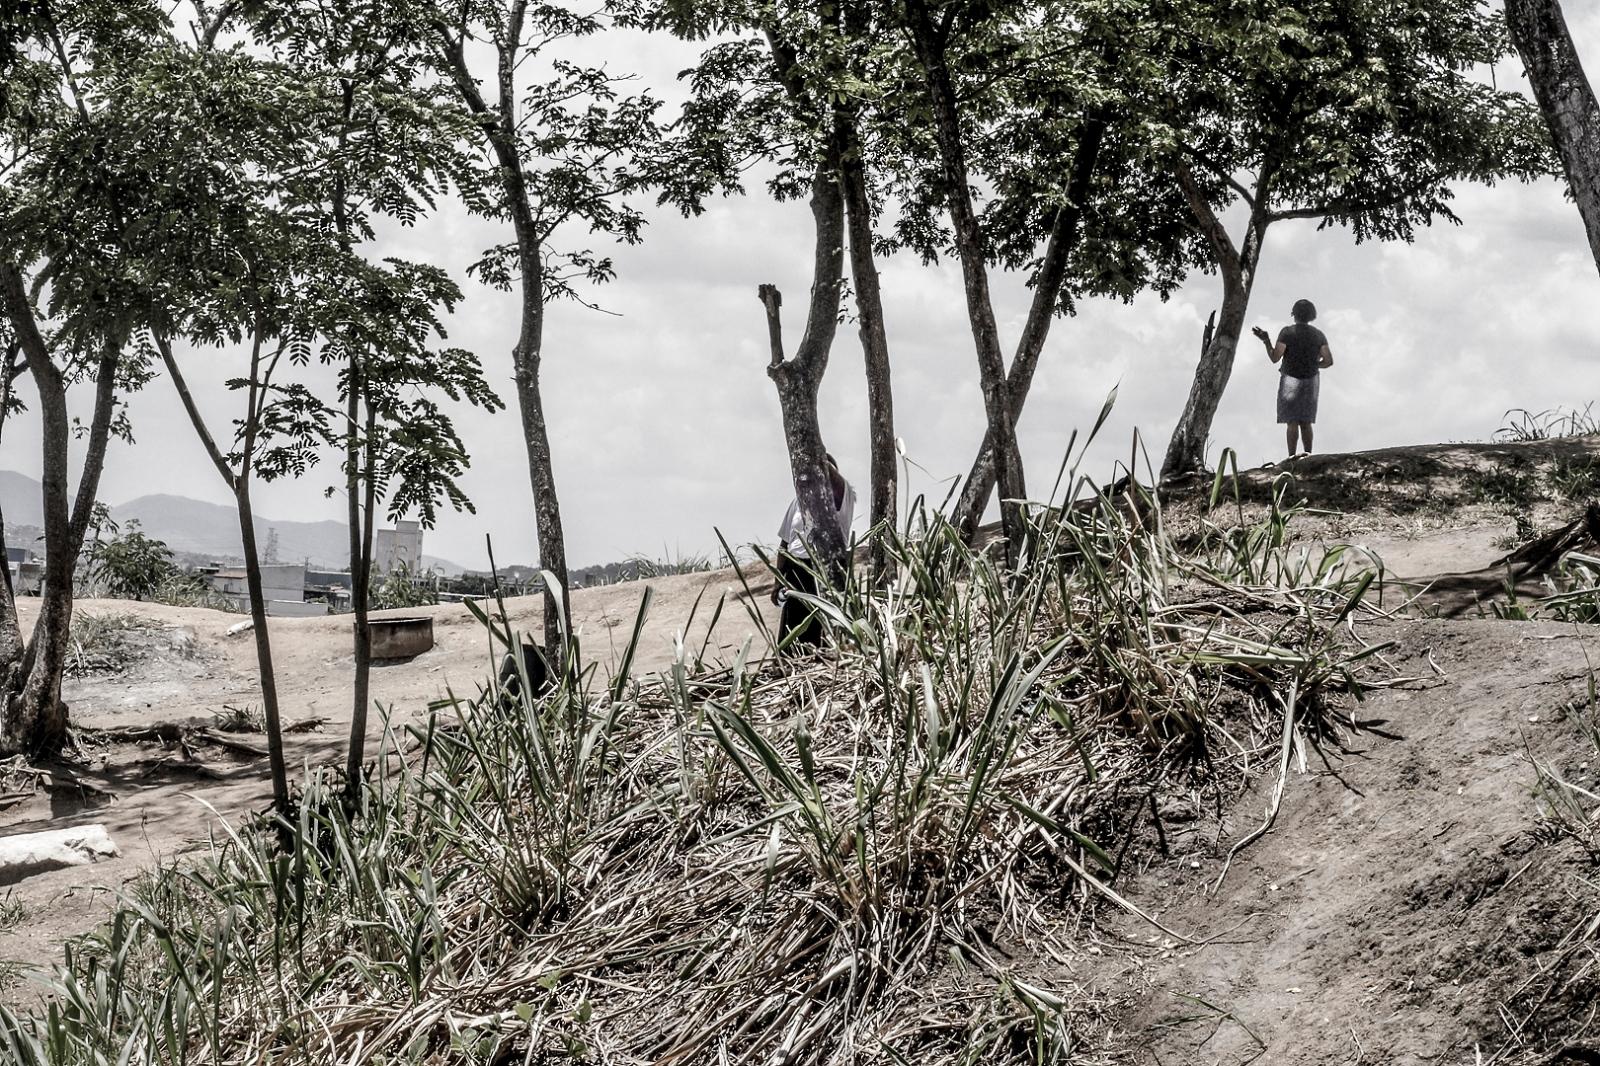 Art and Documentary Photography - Loading hills_of_faith004.JPG